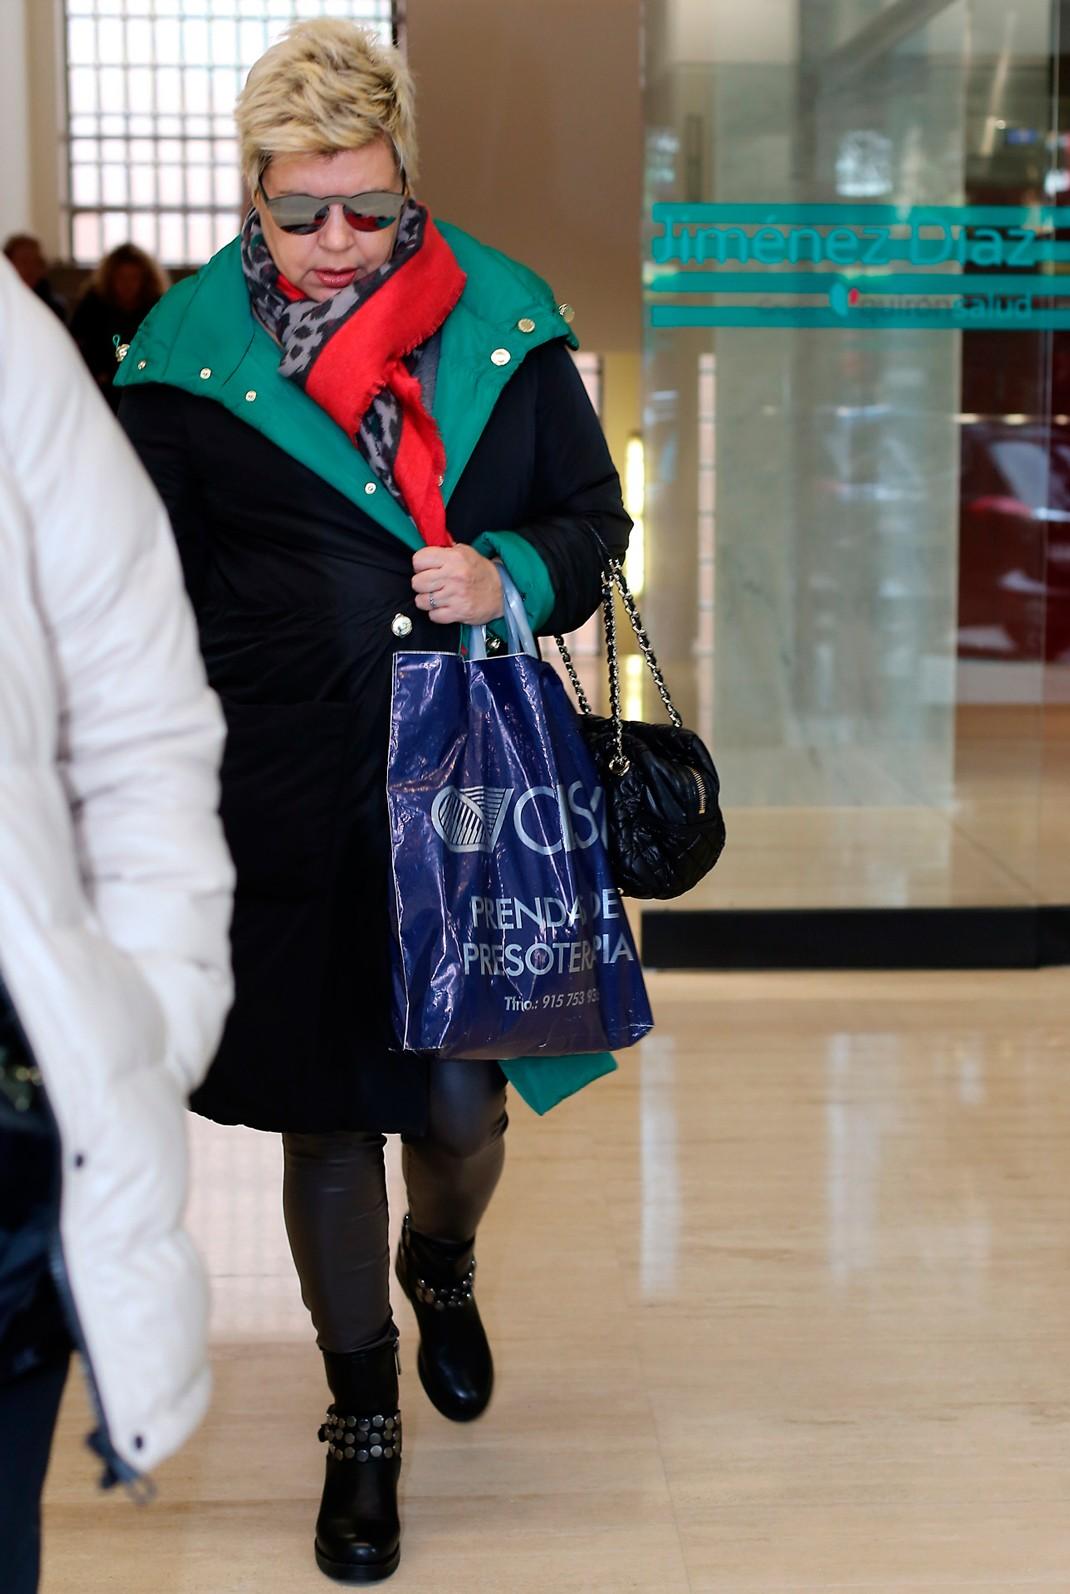 c3e92b7c58 A la salida del hospital, Terelu Campos salía con una bolsa en la que se  podía leer prendas de presoterapia. Se tratan de aquellas vendas que actúan  ...